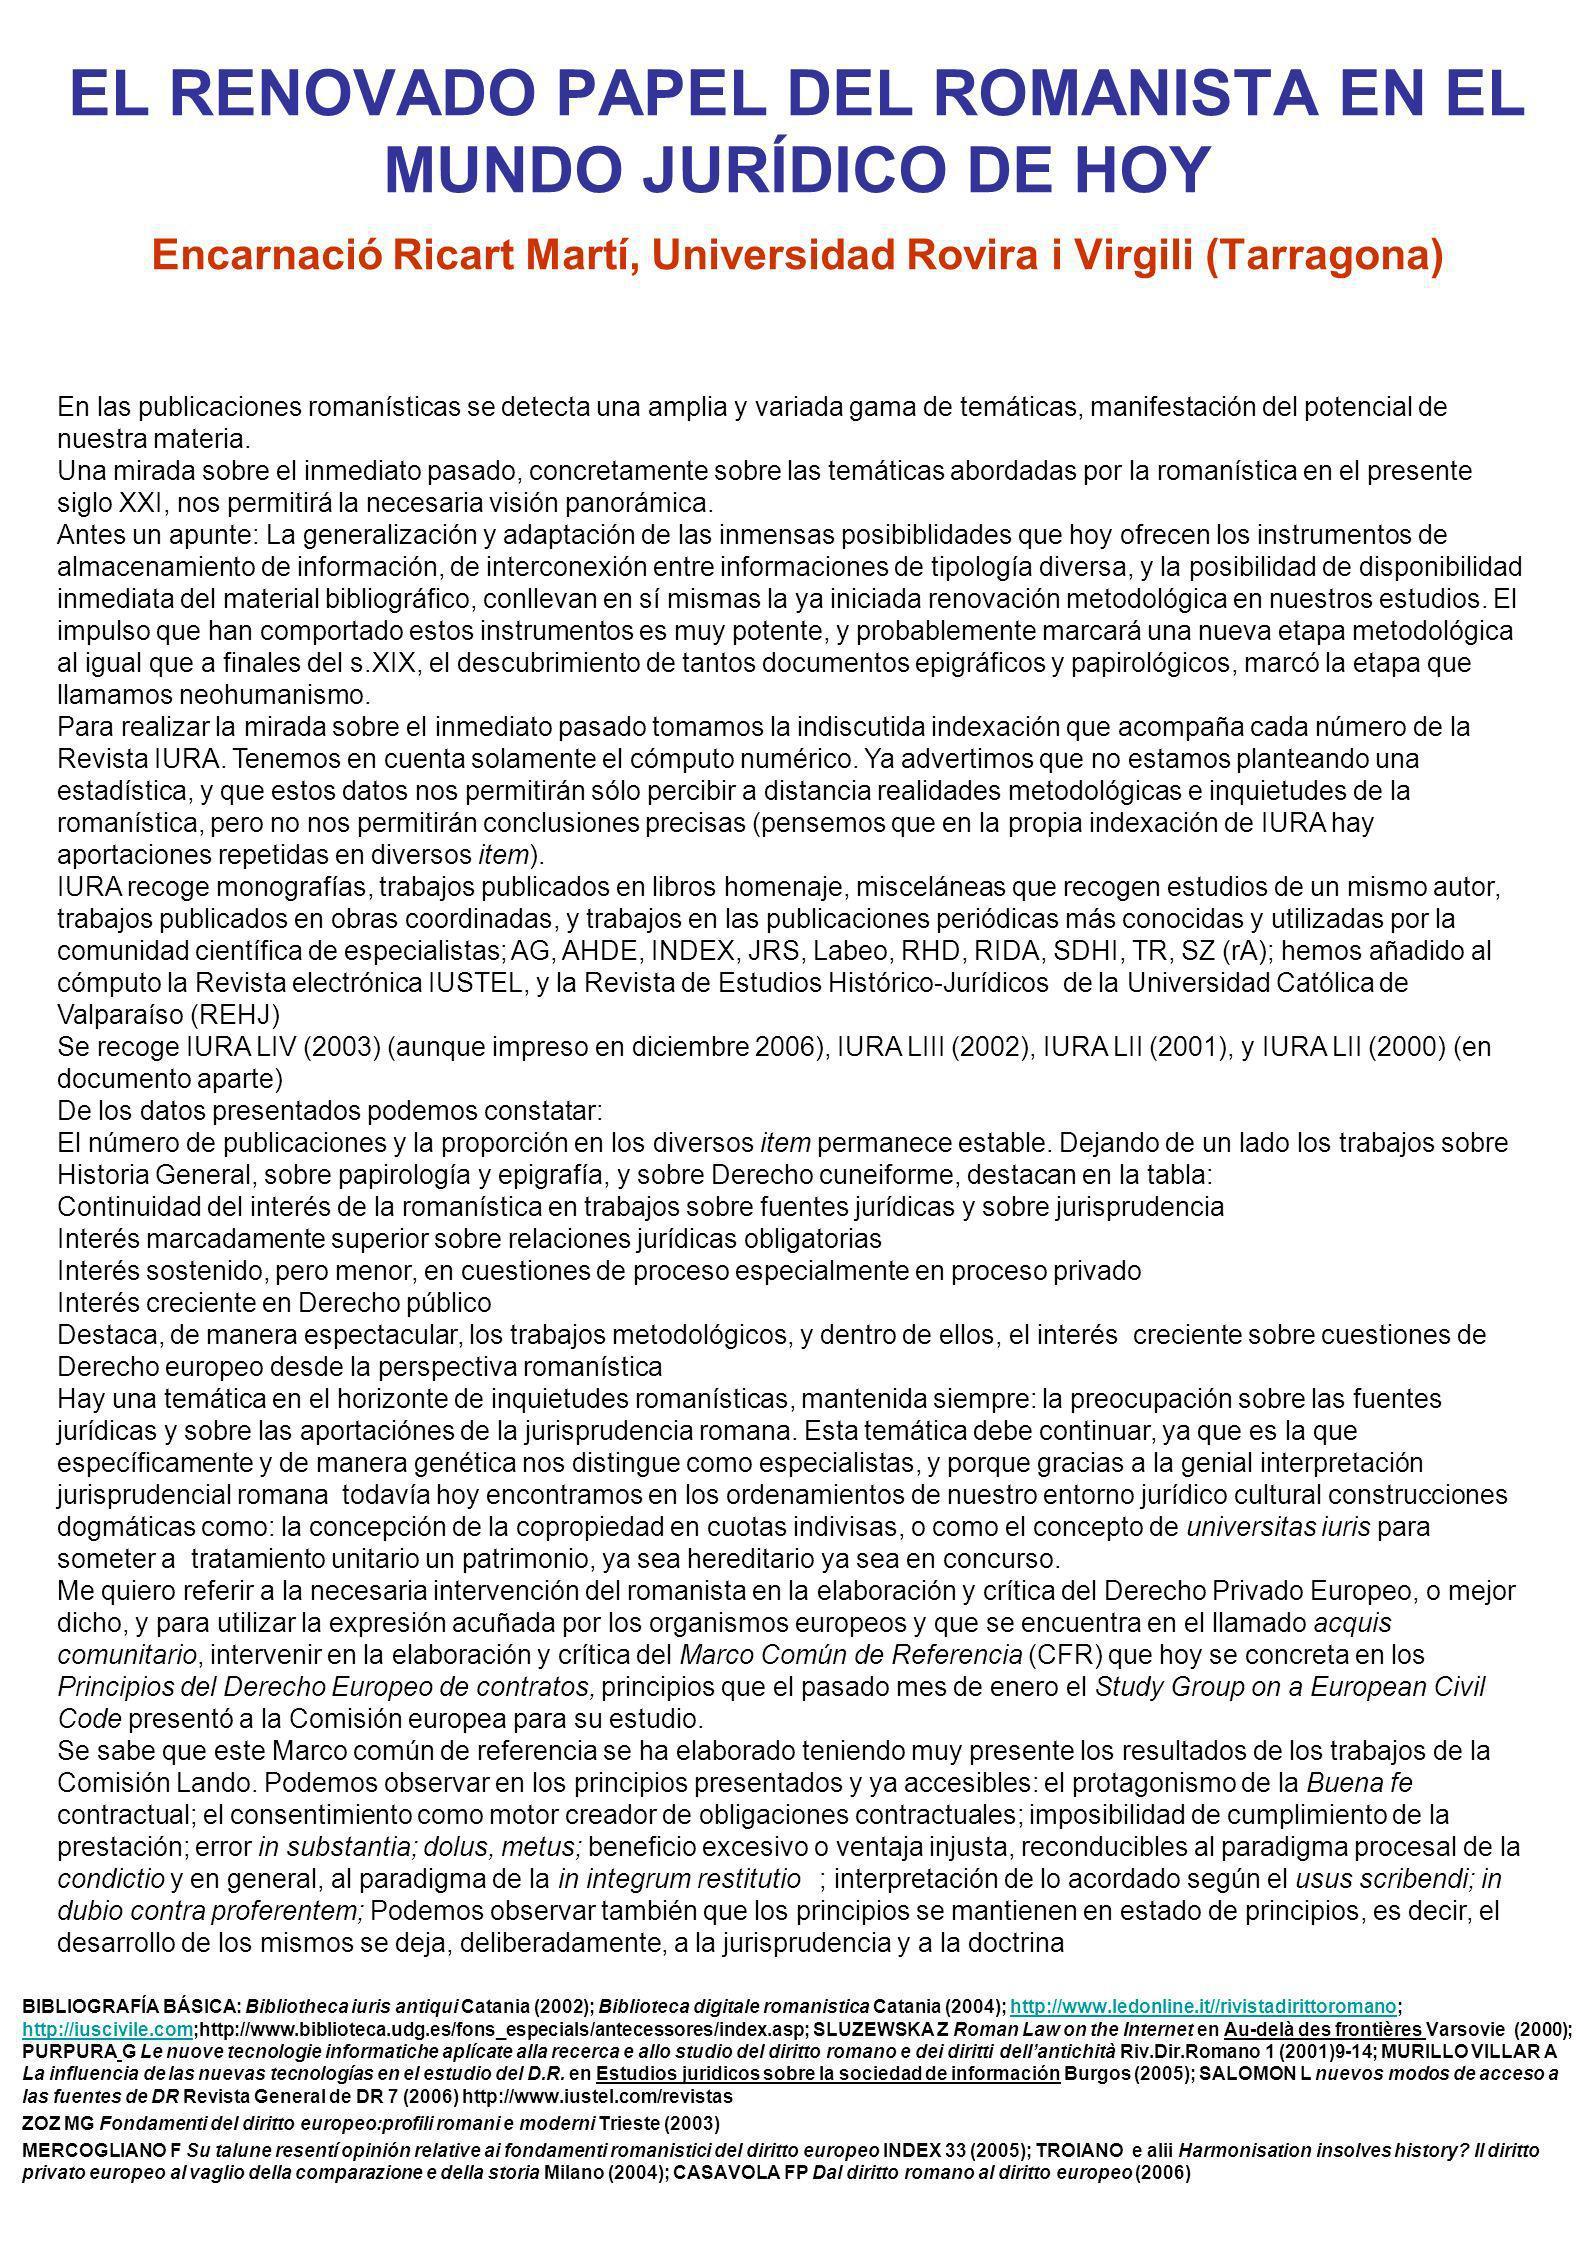 EL RENOVADO PAPEL DEL ROMANISTA EN EL MUNDO JURÍDICO DE HOY Encarnació Ricart Martí, Universidad Rovira i Virgili (Tarragona) BIBLIOGRAFÍA BÁSICA: Bib